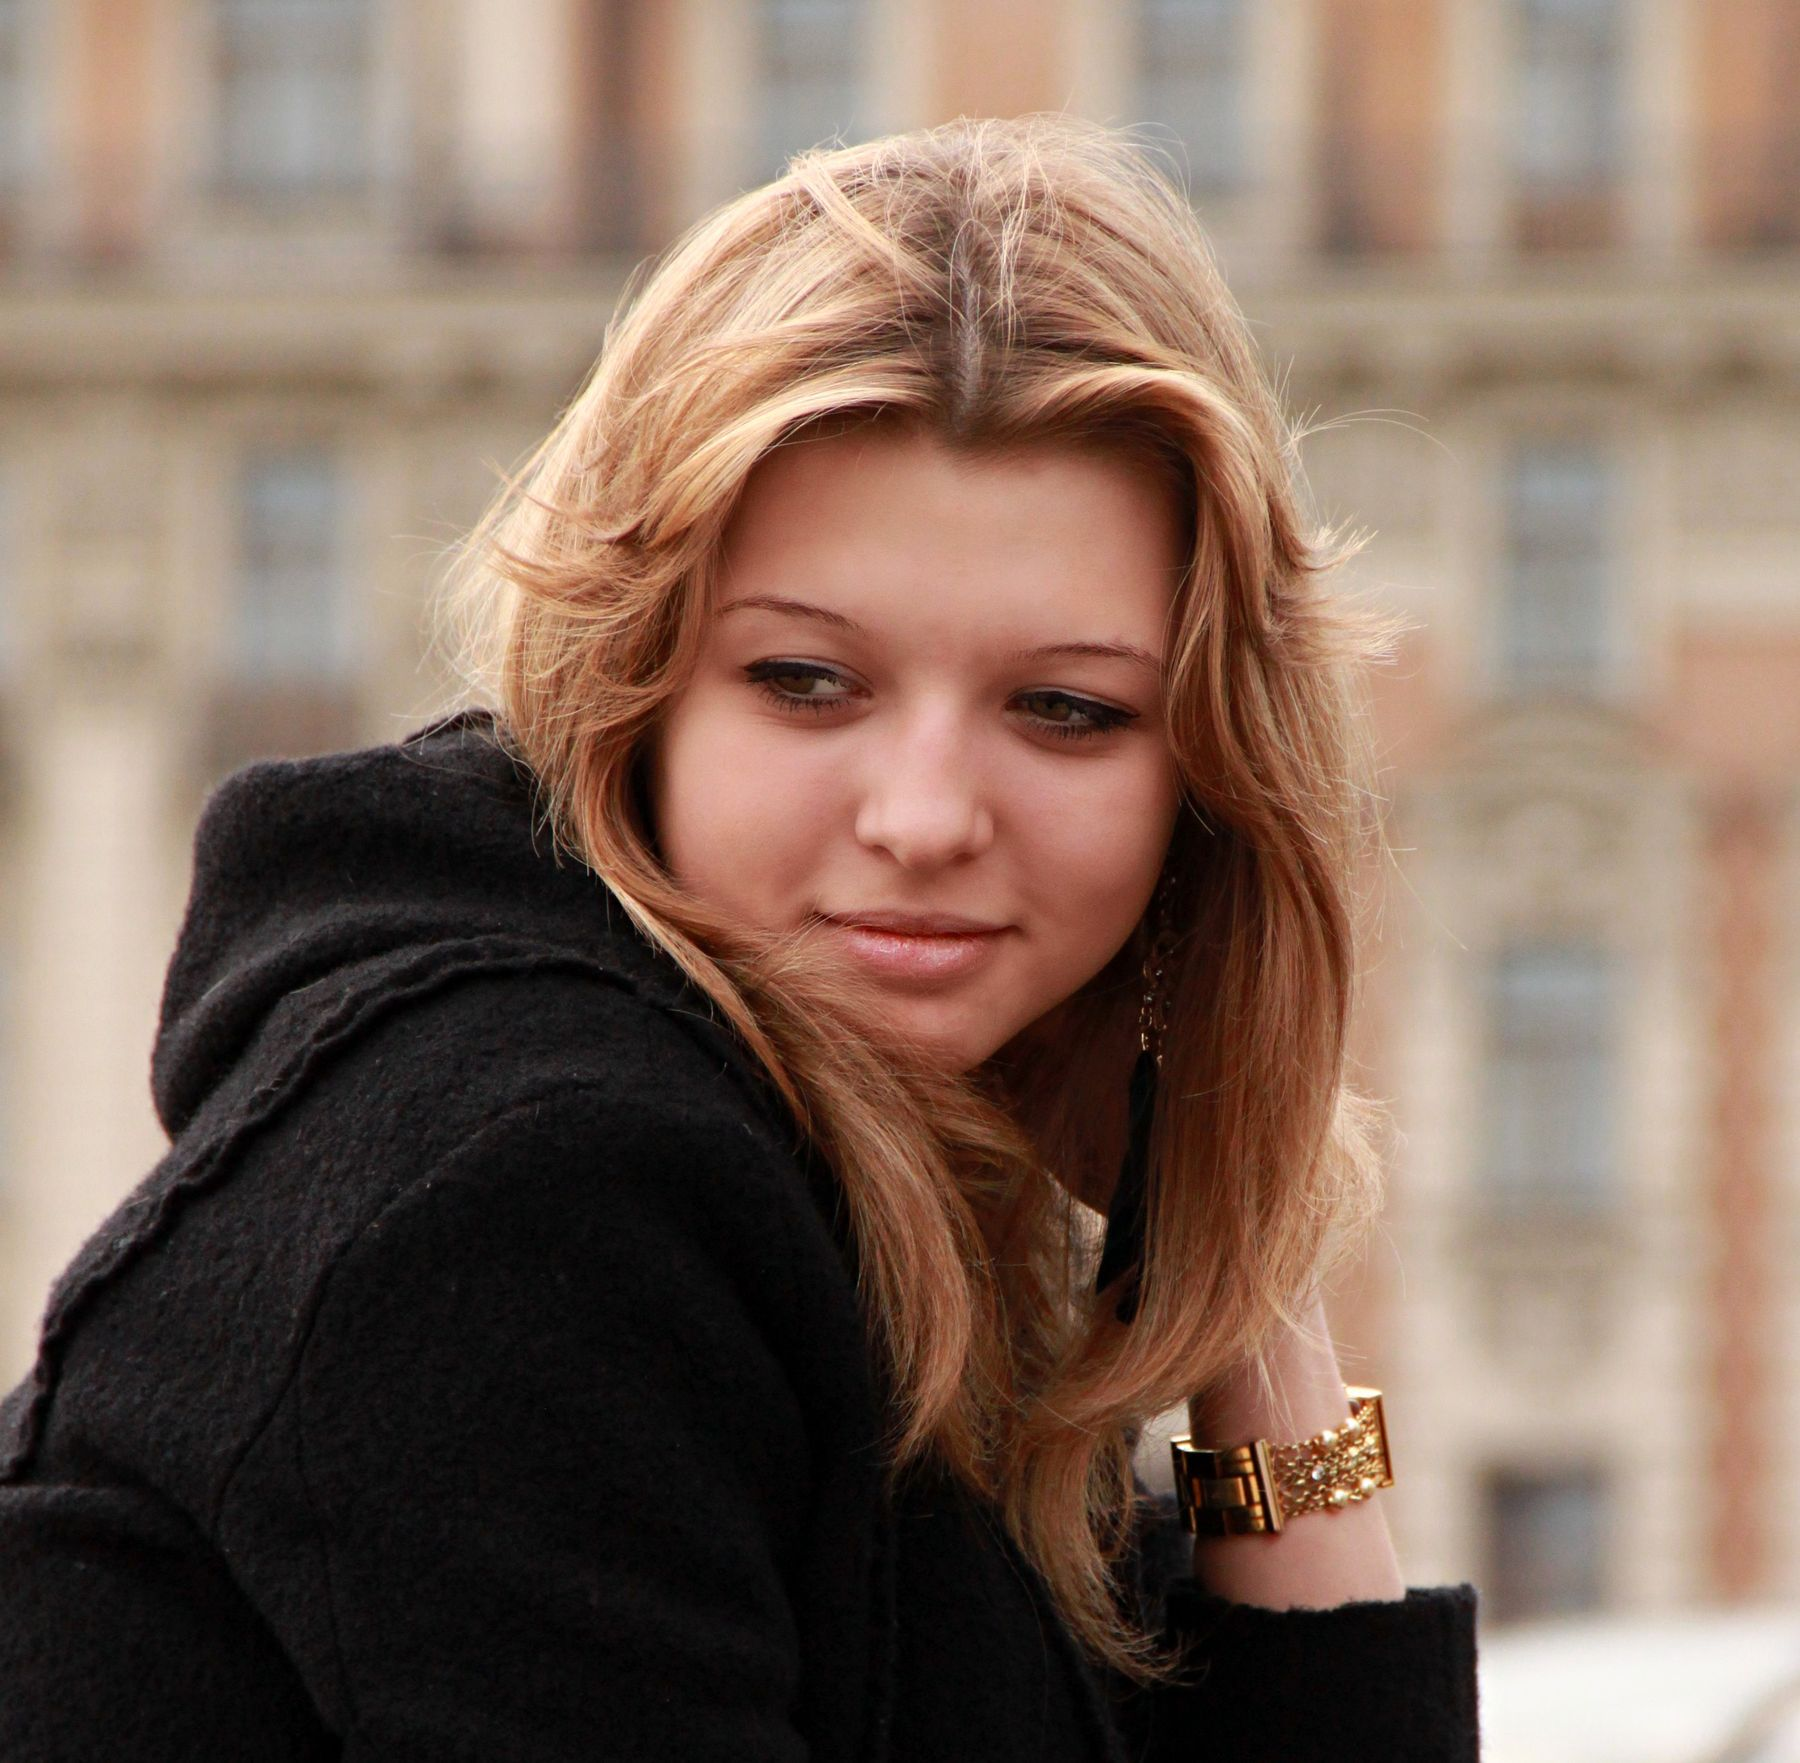 Ожидание люди лица город прохожие уличный портрет стрит девушки